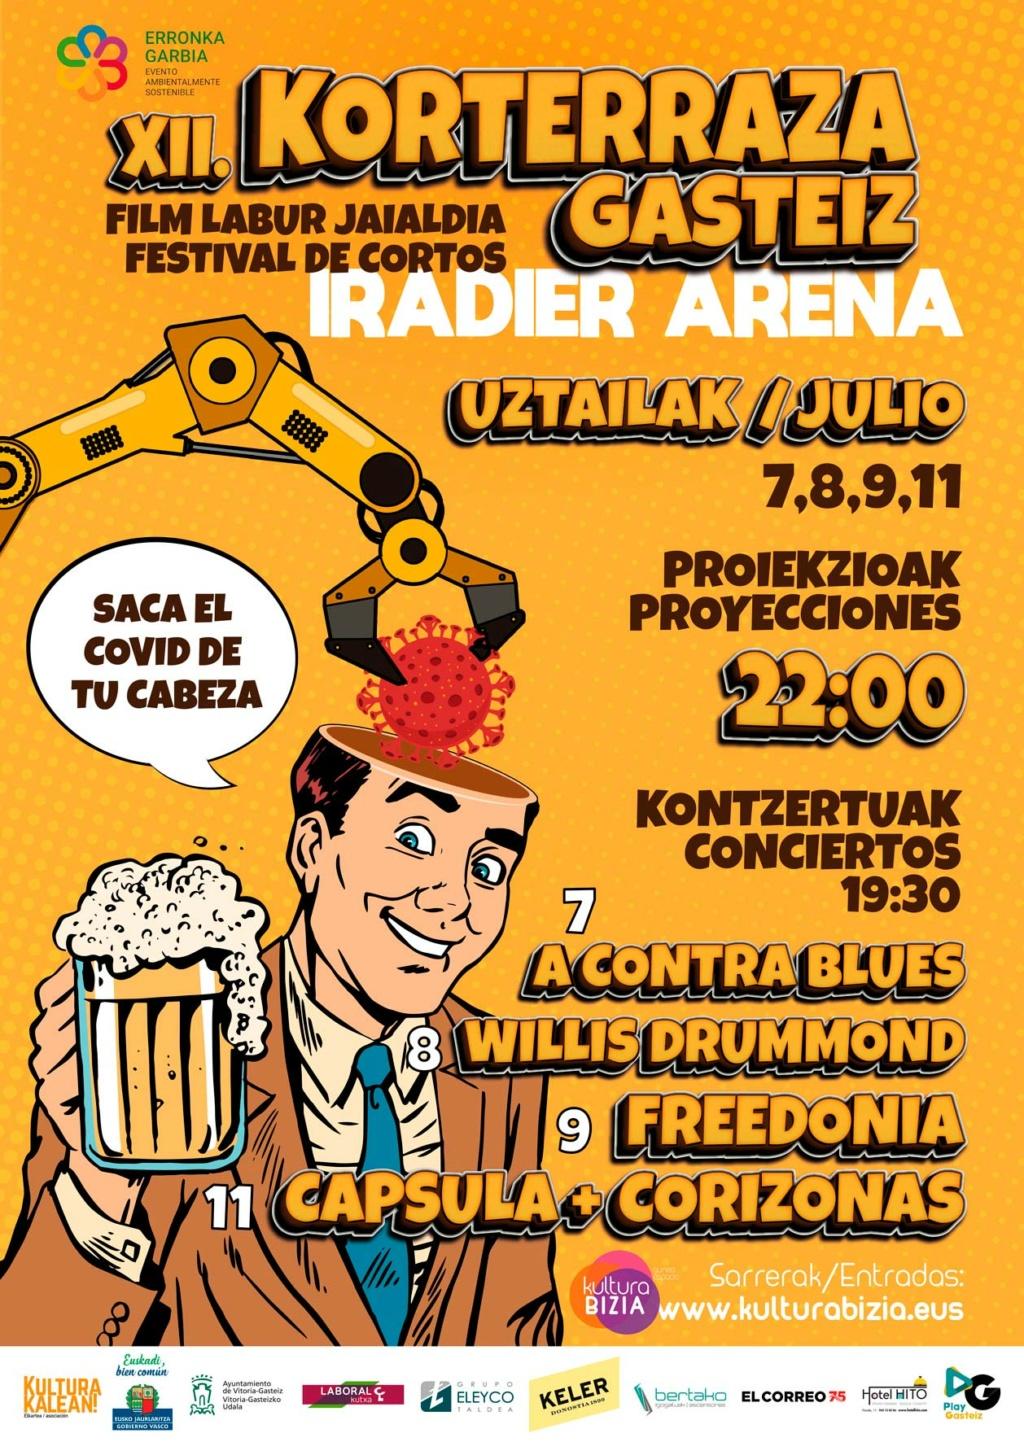 Kontzertuak Gasteizen eta Araban. Conciertos en Vitoria y Alava - Página 10 Korter10